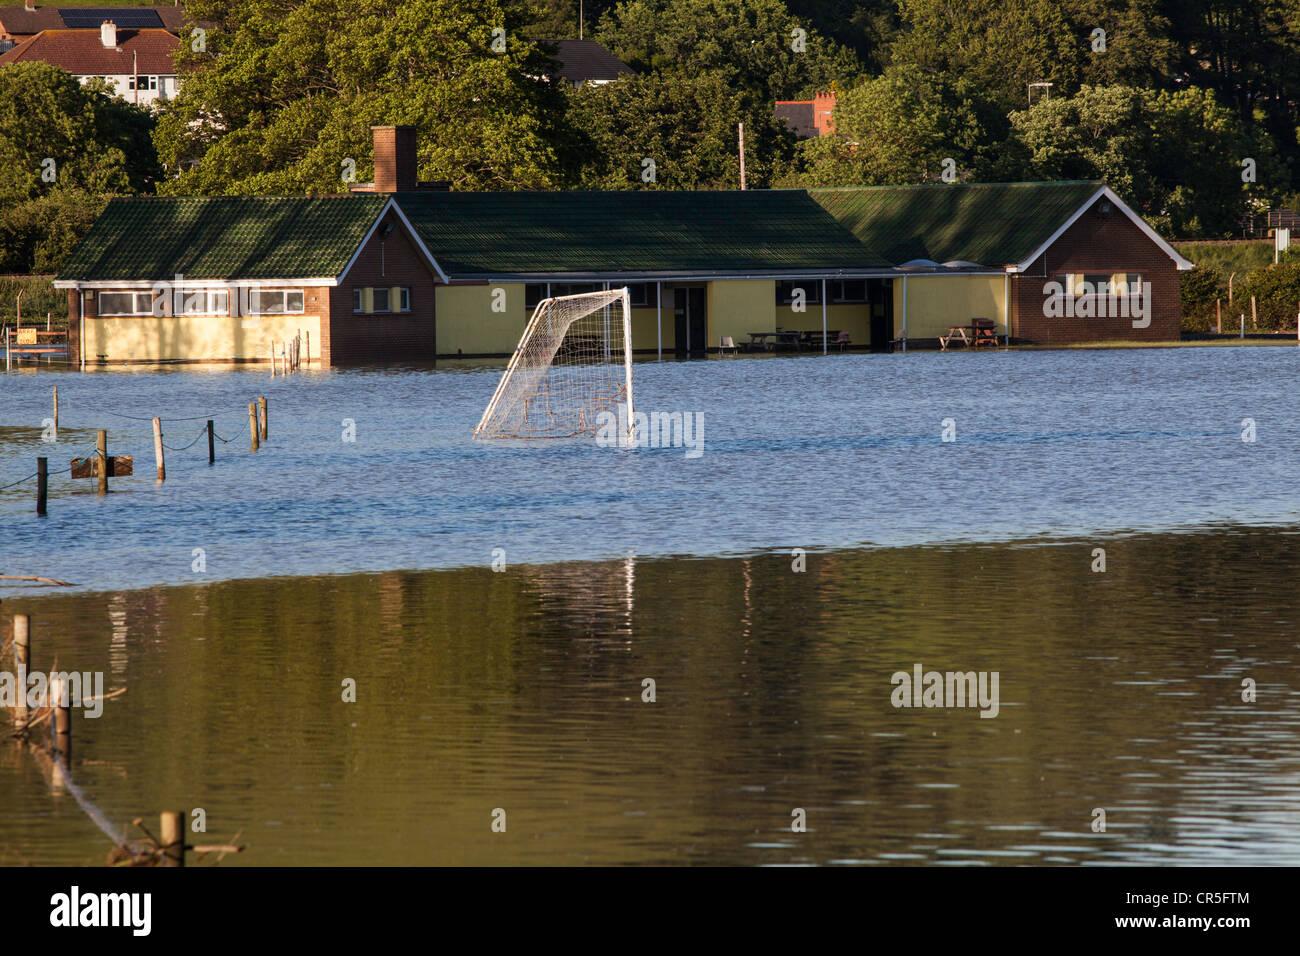 Un campo de deportes inundada en Aberystwyth, Gales, después de fuertes lluvias. Imagen De Stock